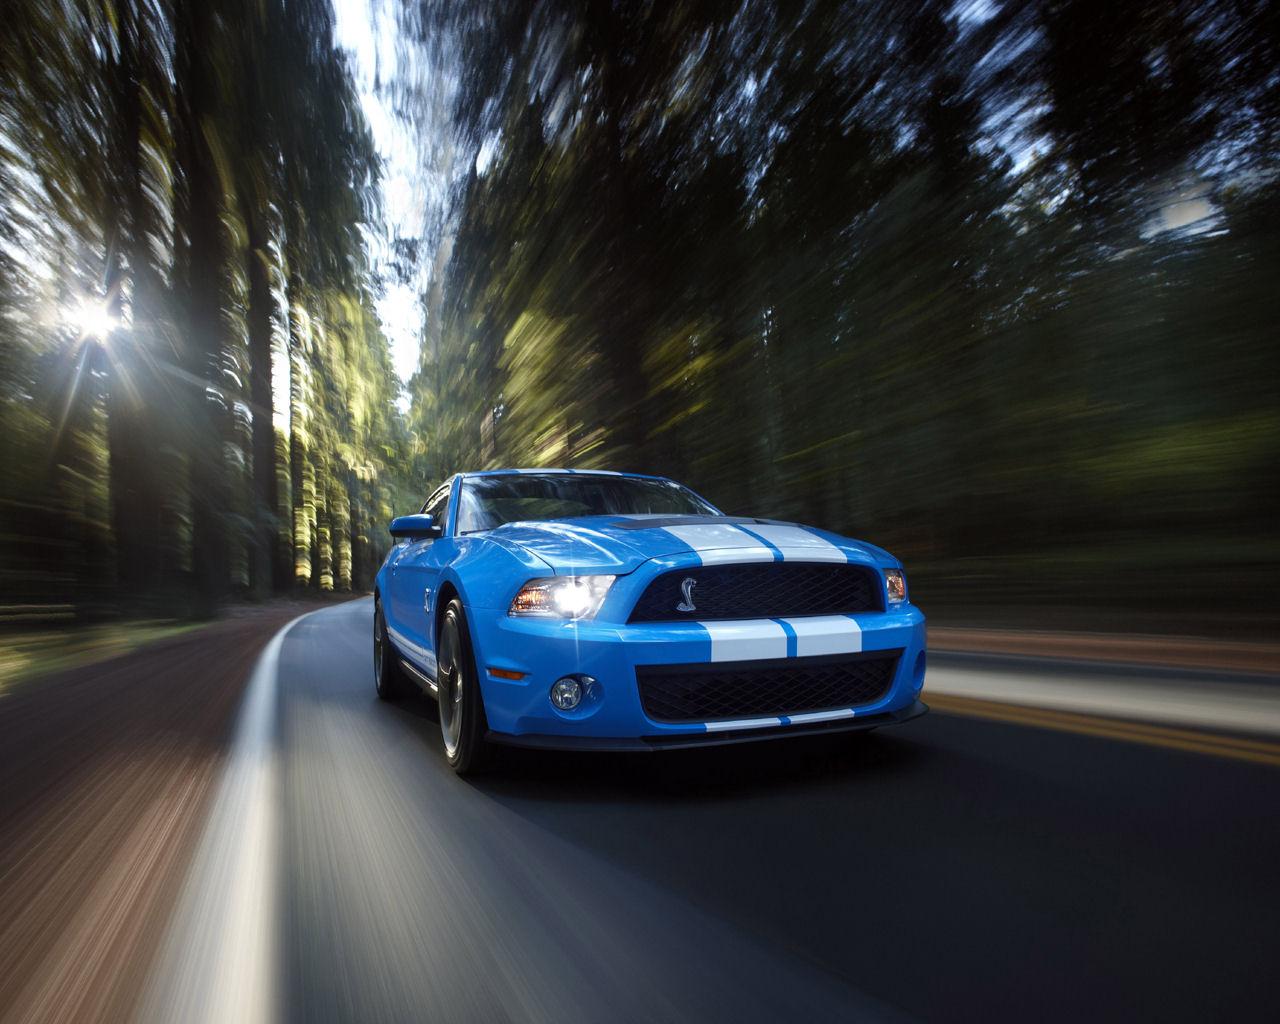 1230carswallpapers ford mustang desktop wallpaper - Ford mustang wallpaper download ...